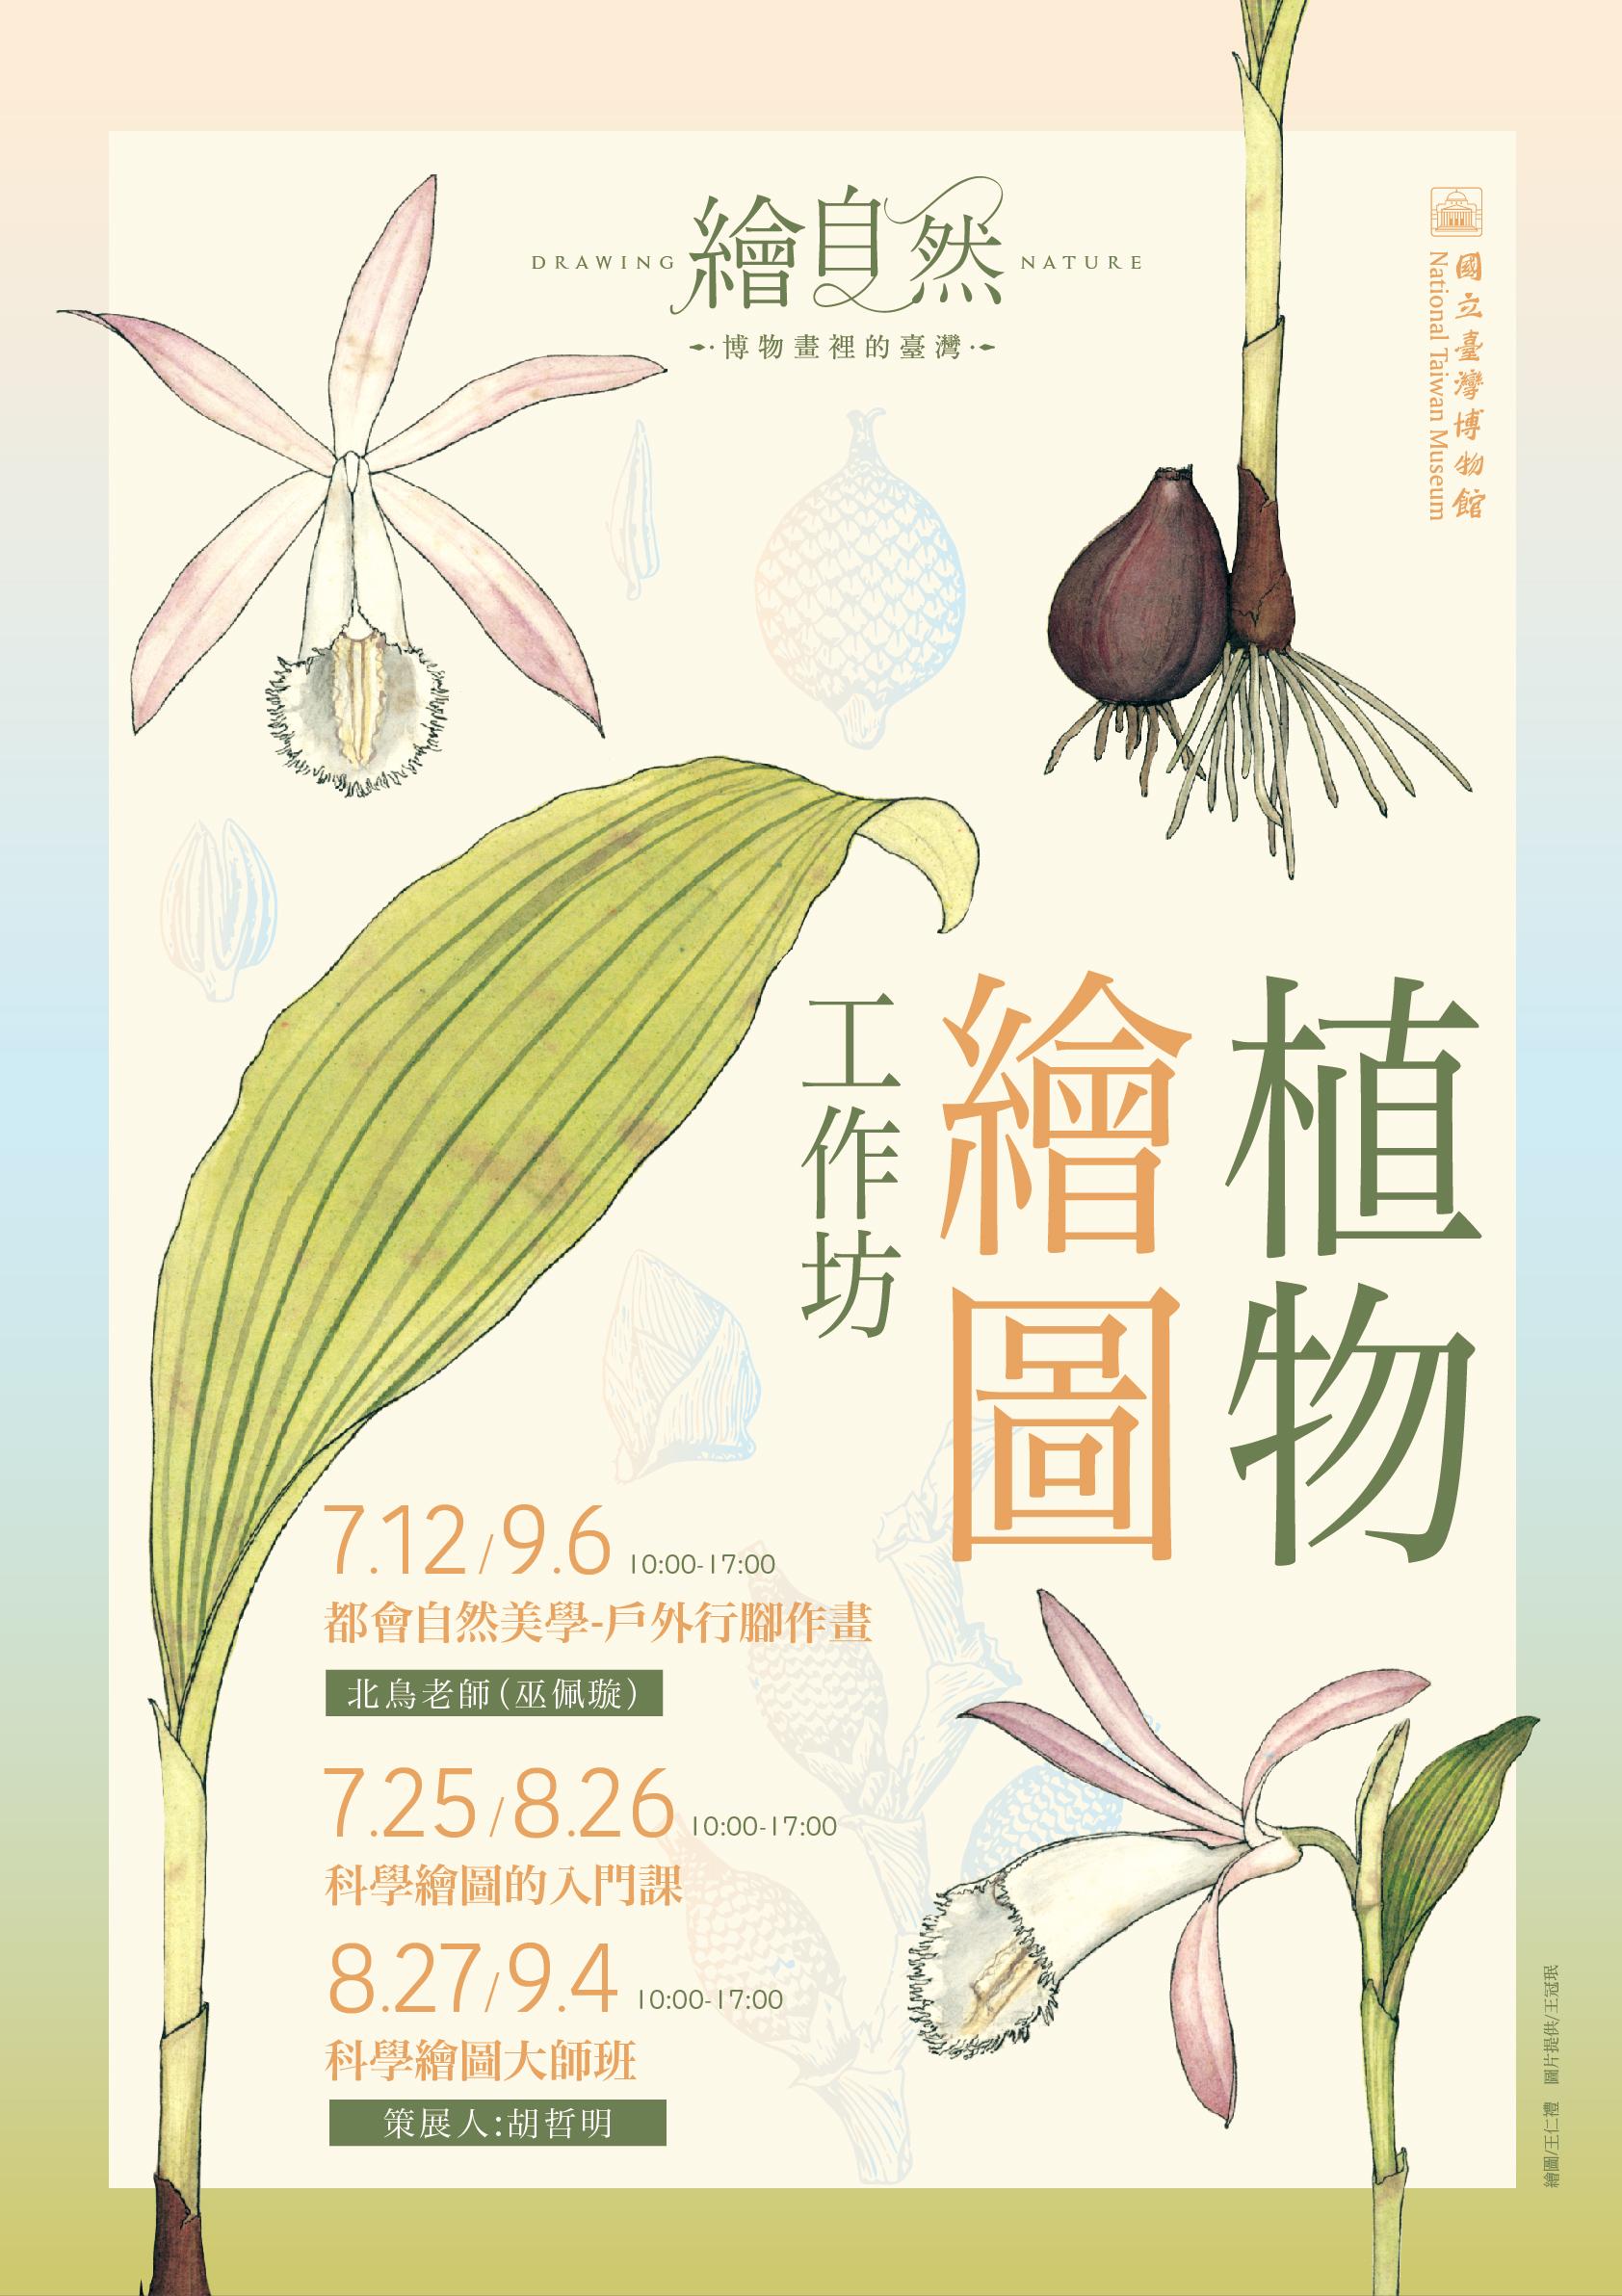 繪自然植物繪圖工作坊